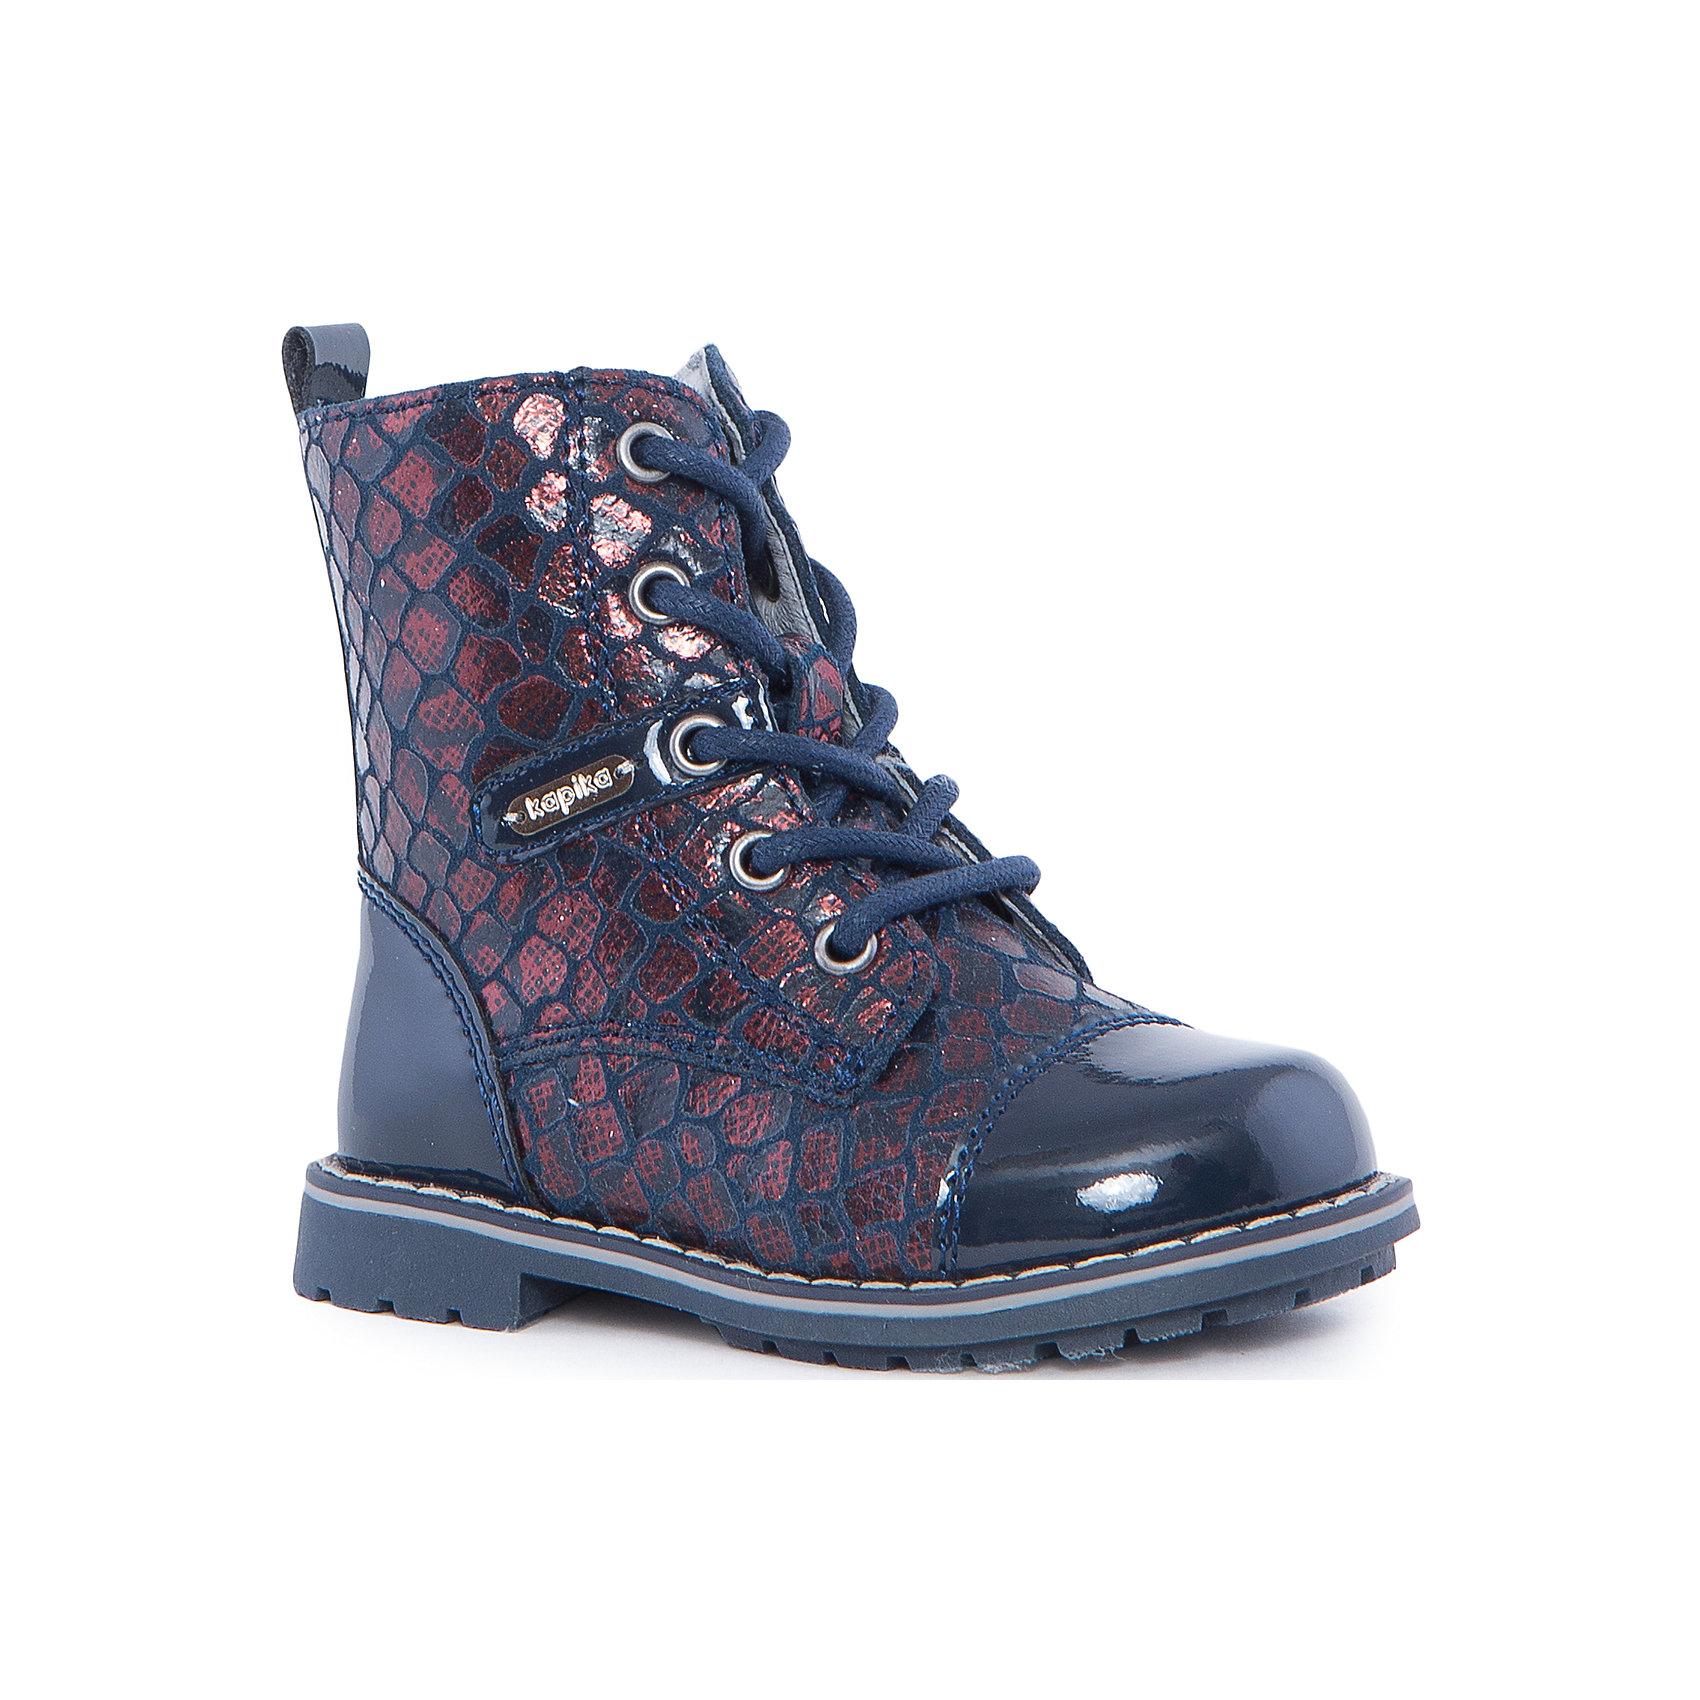 Ботинки для девочки KAPIKAОбувь для малышей<br>Ботинки для девочки KAPIKA – стиль, красота и тепло.<br>Красивые модные ботинки из натуральной кожи делают ходьбу комфортной и теплой. Ботинки сделаны с жестким задником и супинатором для правильного формирования ступни. Хорошо прилегают к ноге, закрепляясь шнуровкой. Застегиваются на молнию сбоку. Сапоги удлиненные с элементами лакировки.<br><br>Дополнительная информация:<br><br>- материал верха: натуральная кожа/искусственная кожа<br>- цвет: коричневый<br><br>Ботинки для девочки KAPIKA можно купить в нашем интернет магазине.<br><br>Ширина мм: 262<br>Глубина мм: 176<br>Высота мм: 97<br>Вес г: 427<br>Цвет: синий<br>Возраст от месяцев: 12<br>Возраст до месяцев: 15<br>Пол: Женский<br>Возраст: Детский<br>Размер: 21,25,22,23,24<br>SKU: 4988010